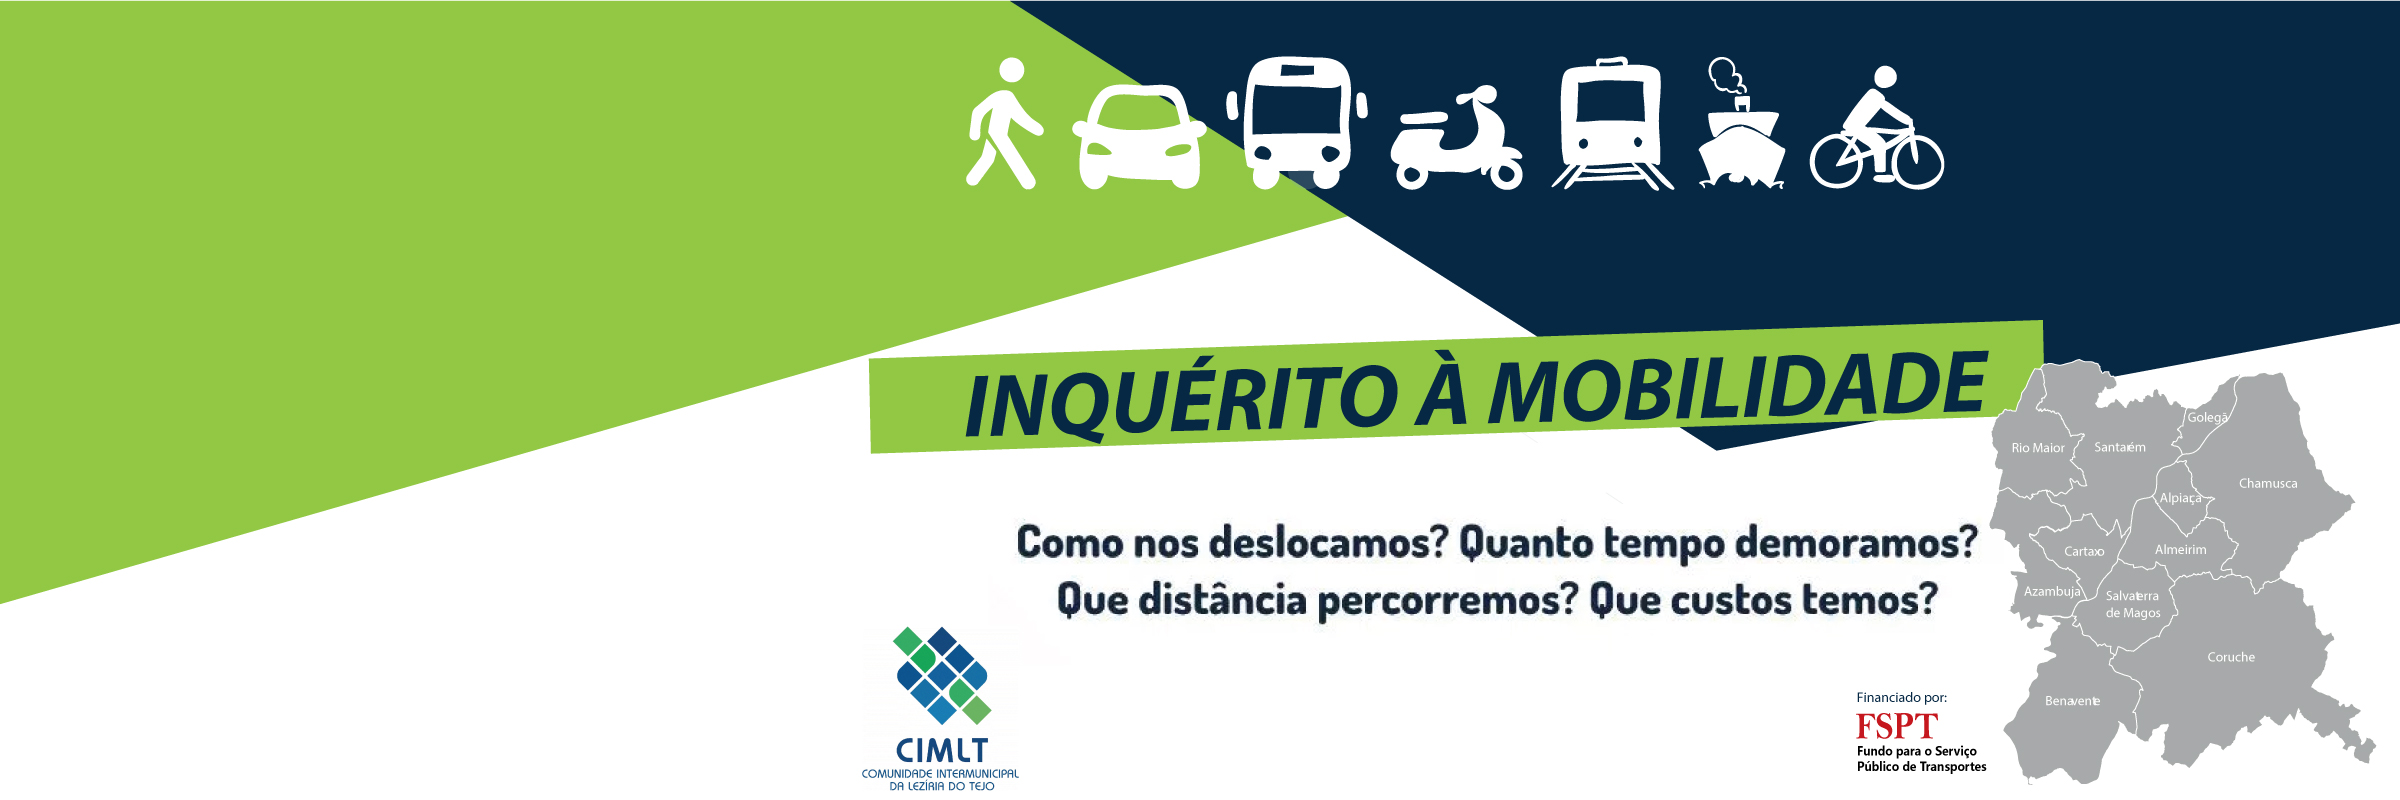 BANNER_inquerito-mobilidade-CIMLT_v1